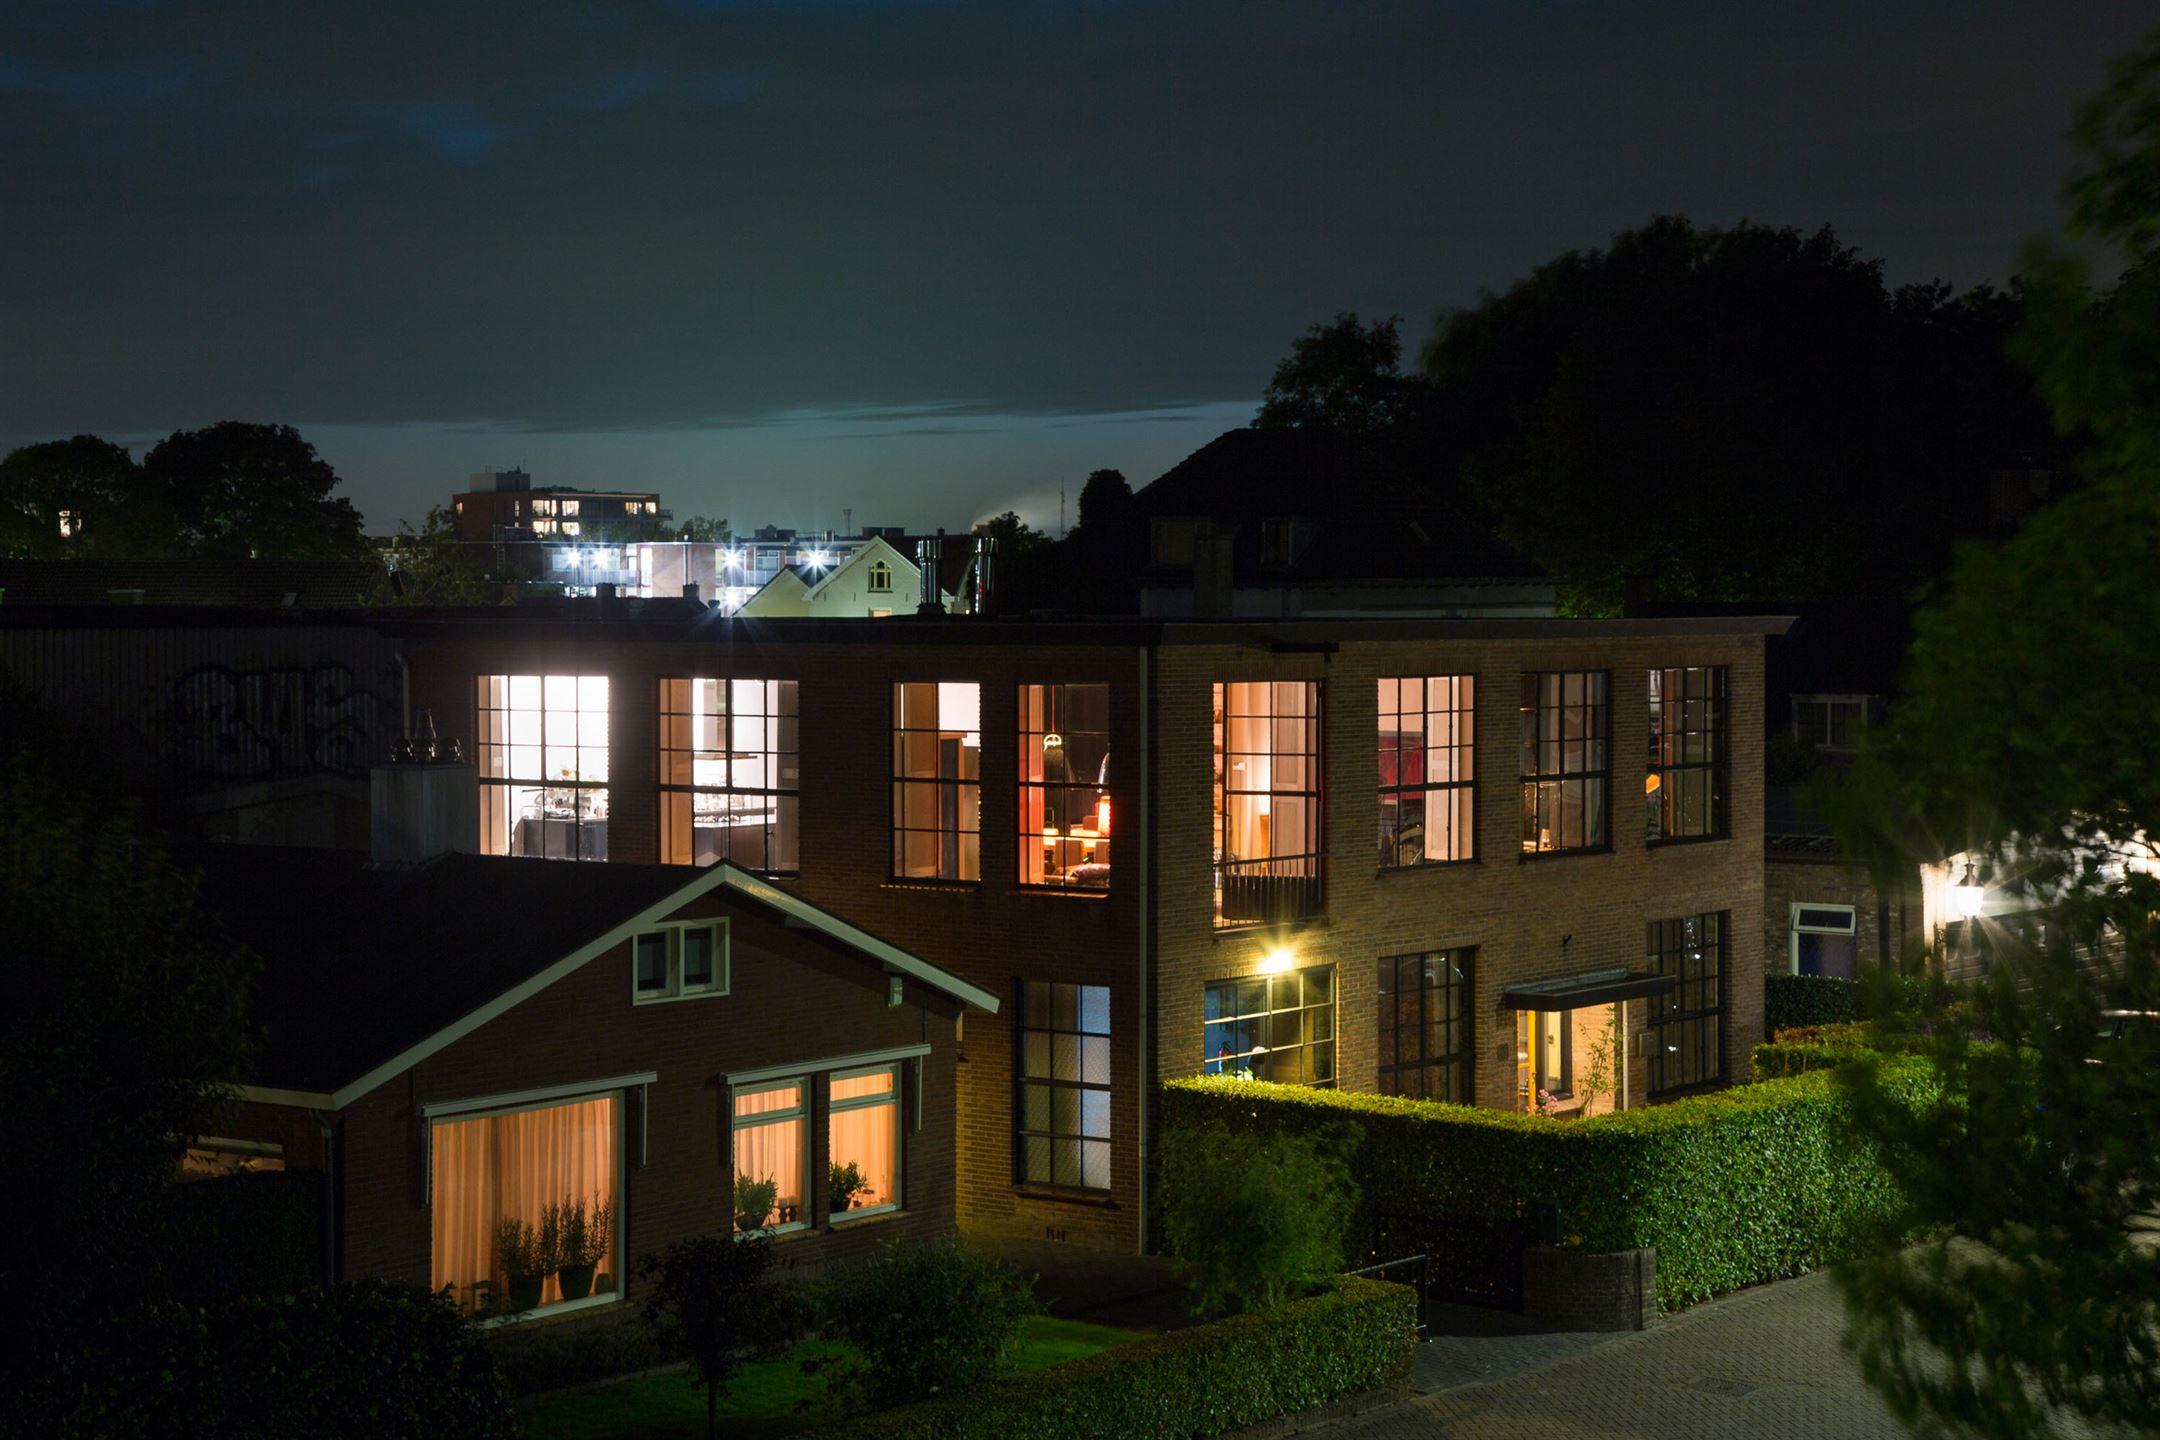 Stoer Inpandig Balkon : Verkocht: dijkstraat 4 4001 rr tiel [funda]